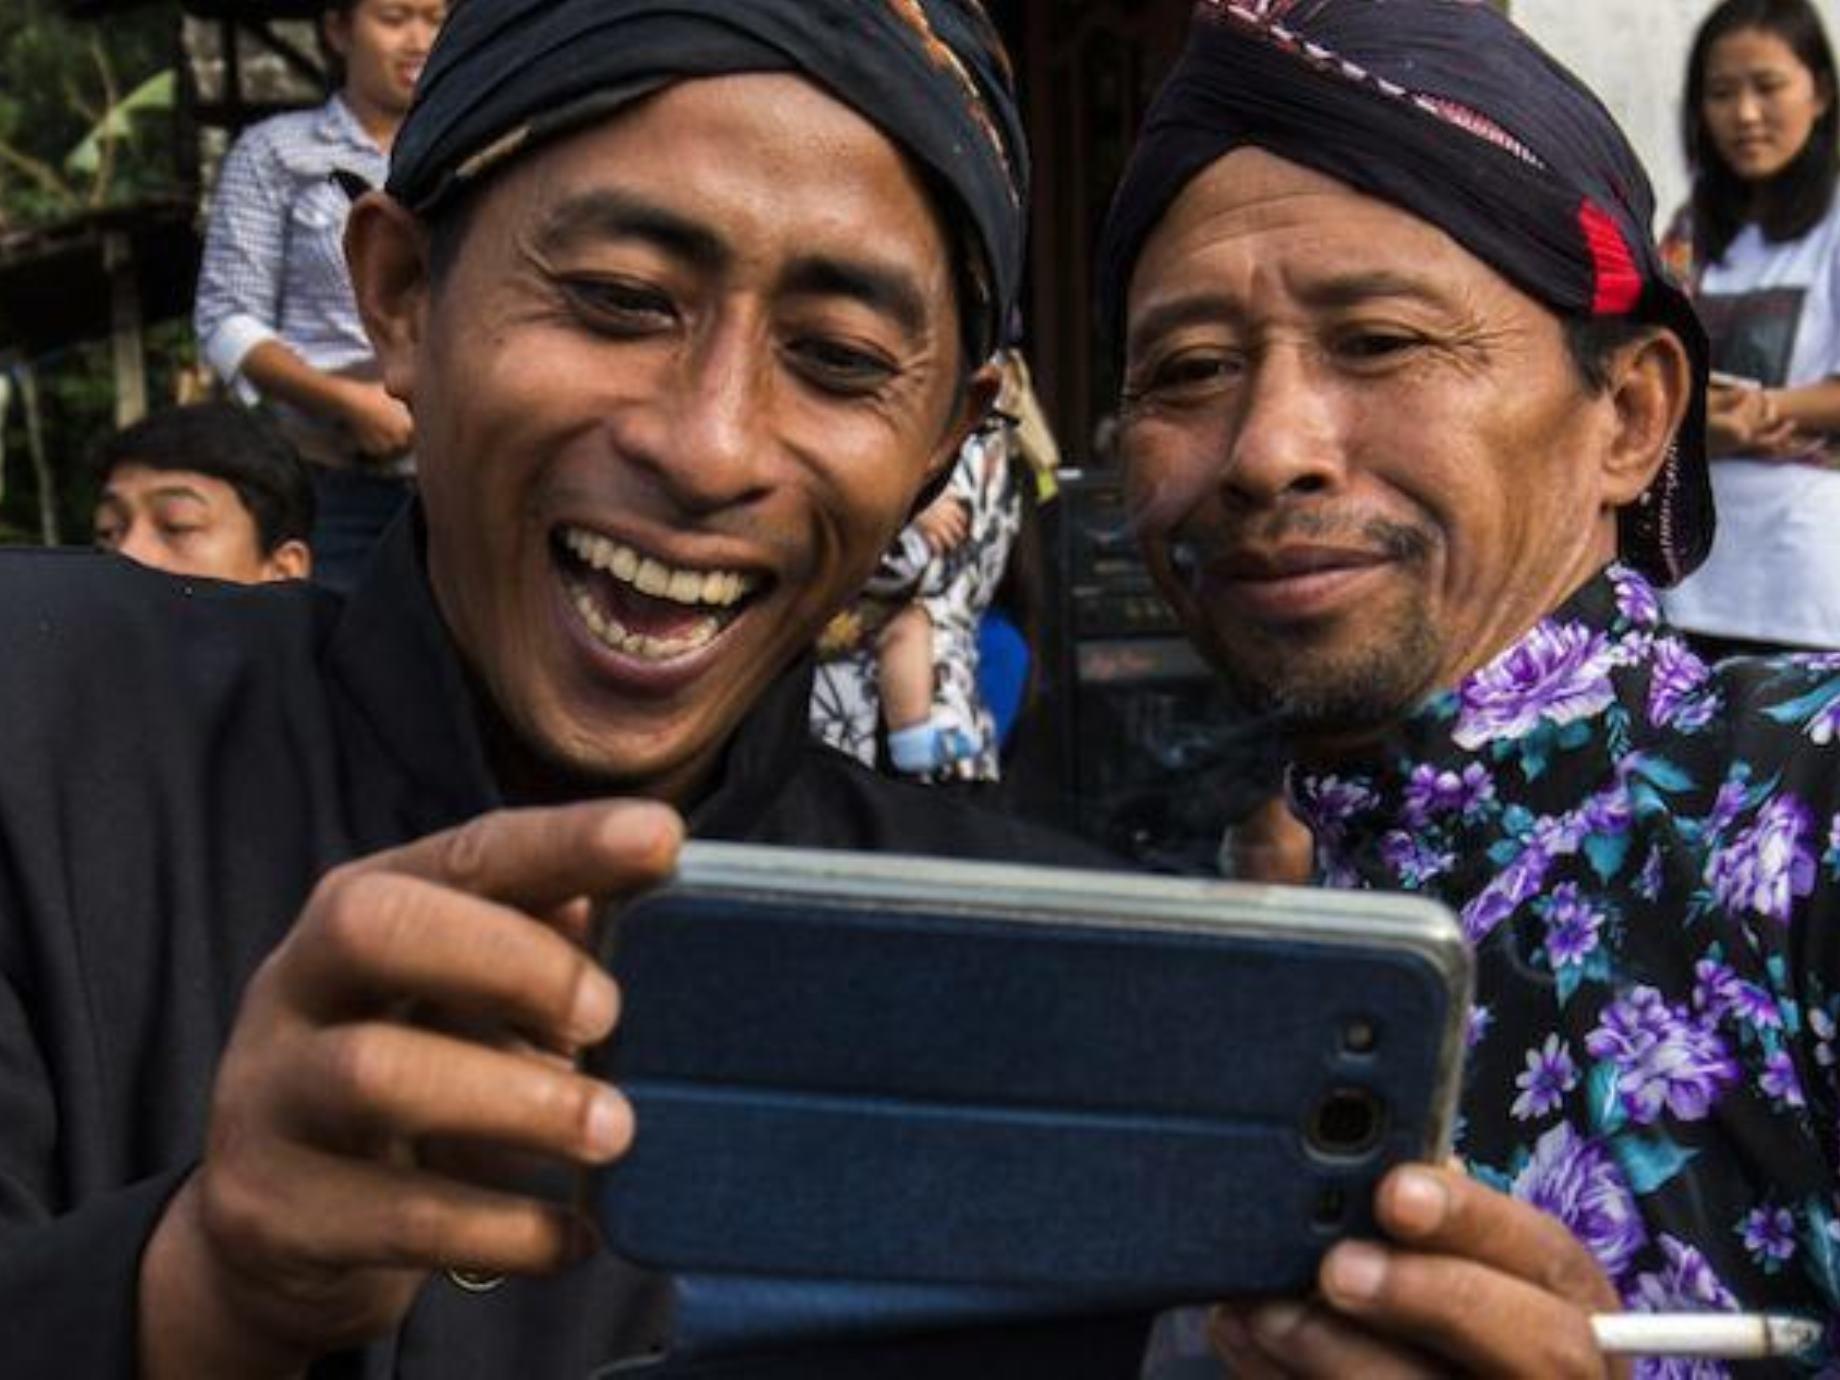 數位轉型之路漫長,3點看懂印尼支付現況